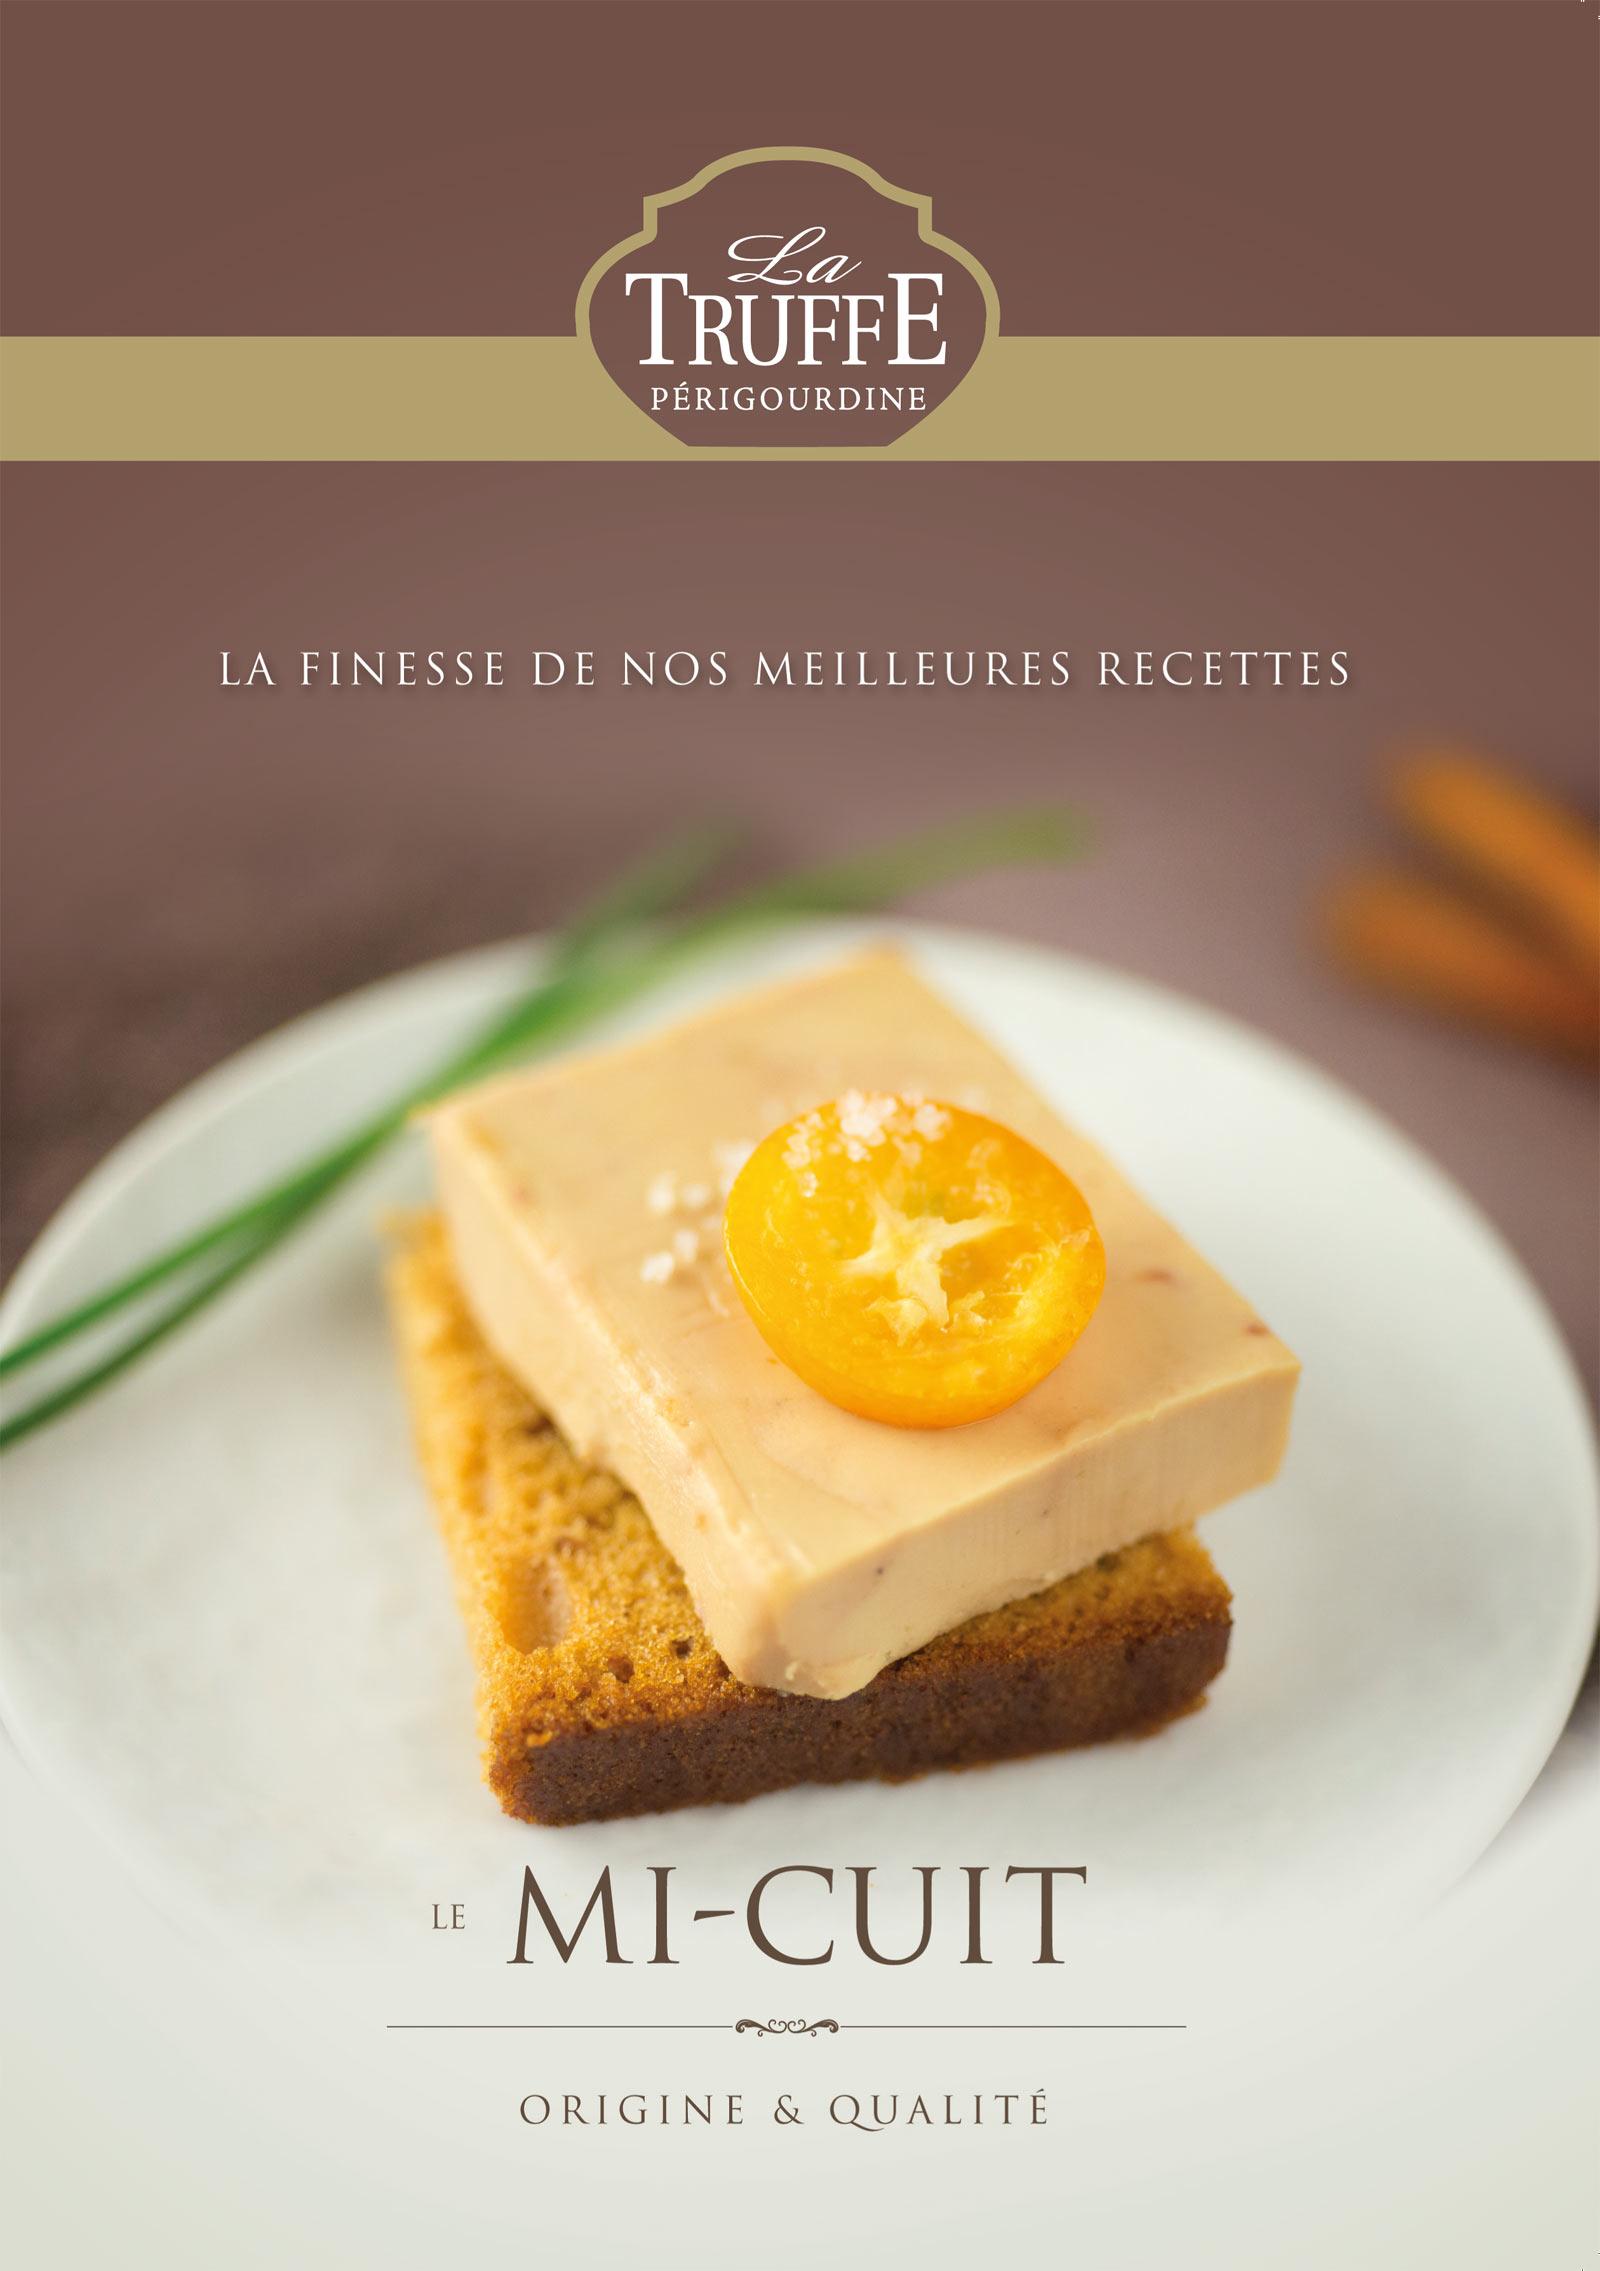 Réalisation Comevents - La Truffe Périgourdine - Plaquette Mi-cuit - Une de couverture